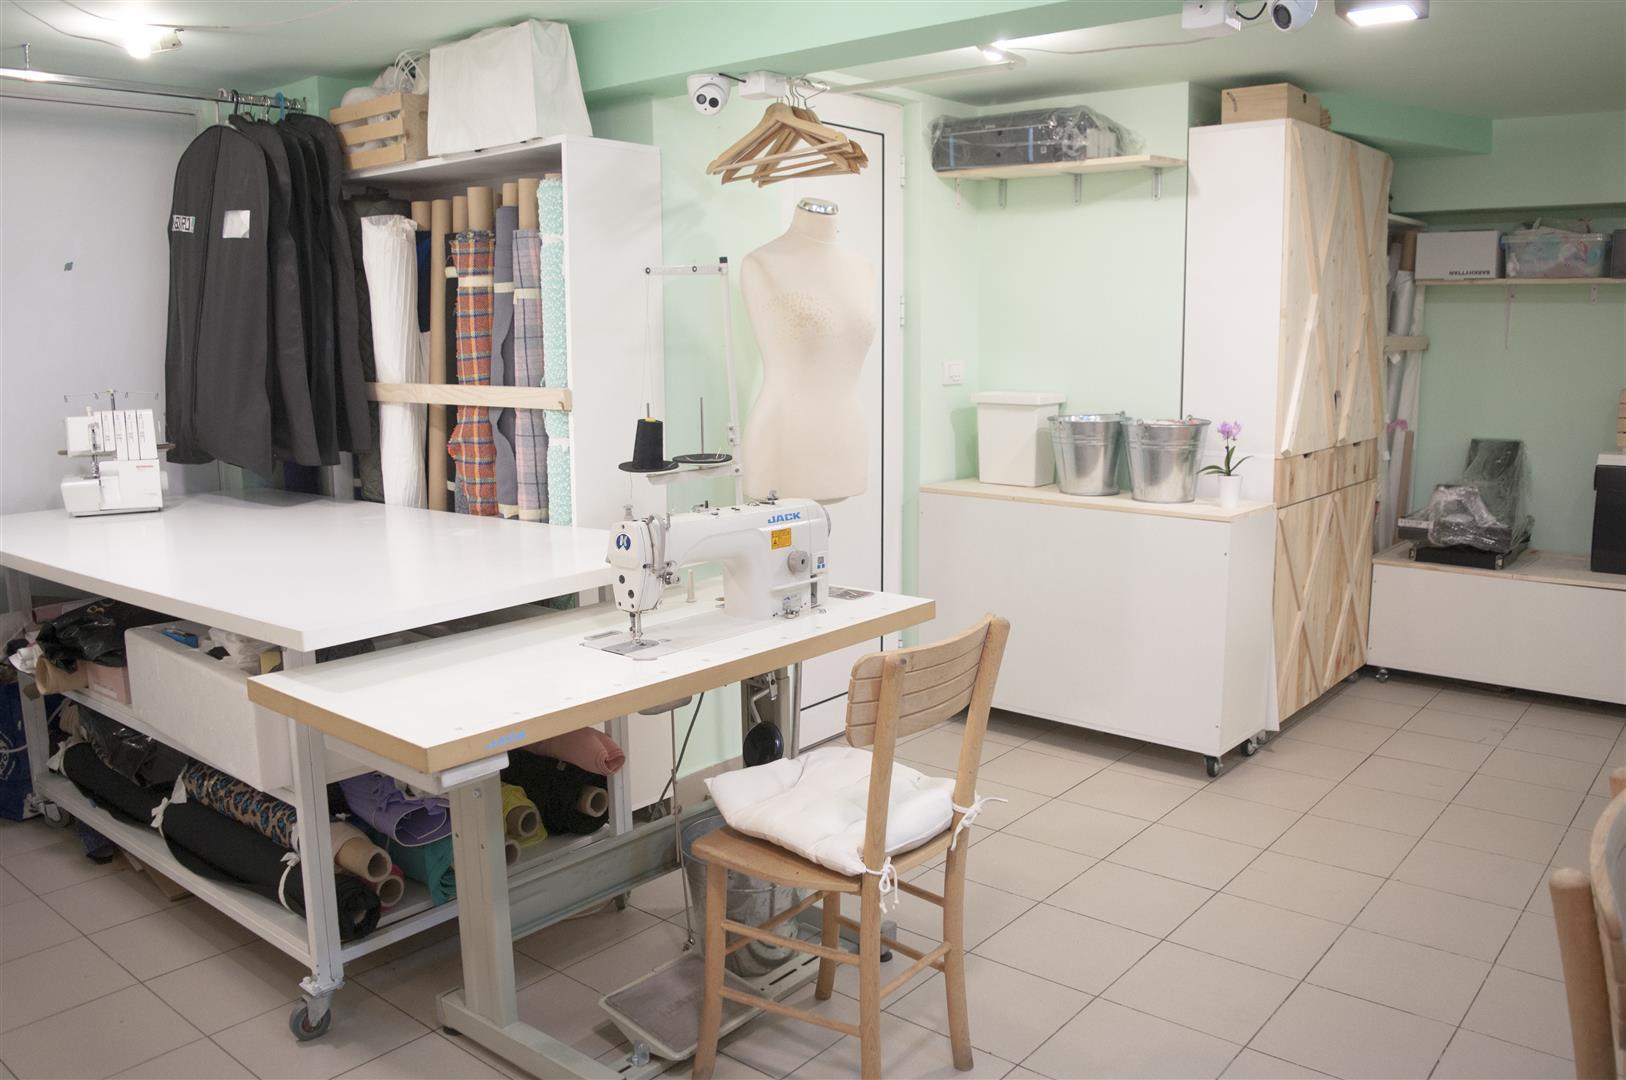 04 Biro354c Biro 354c: Prva koncept radnja održive mode u Beogradu